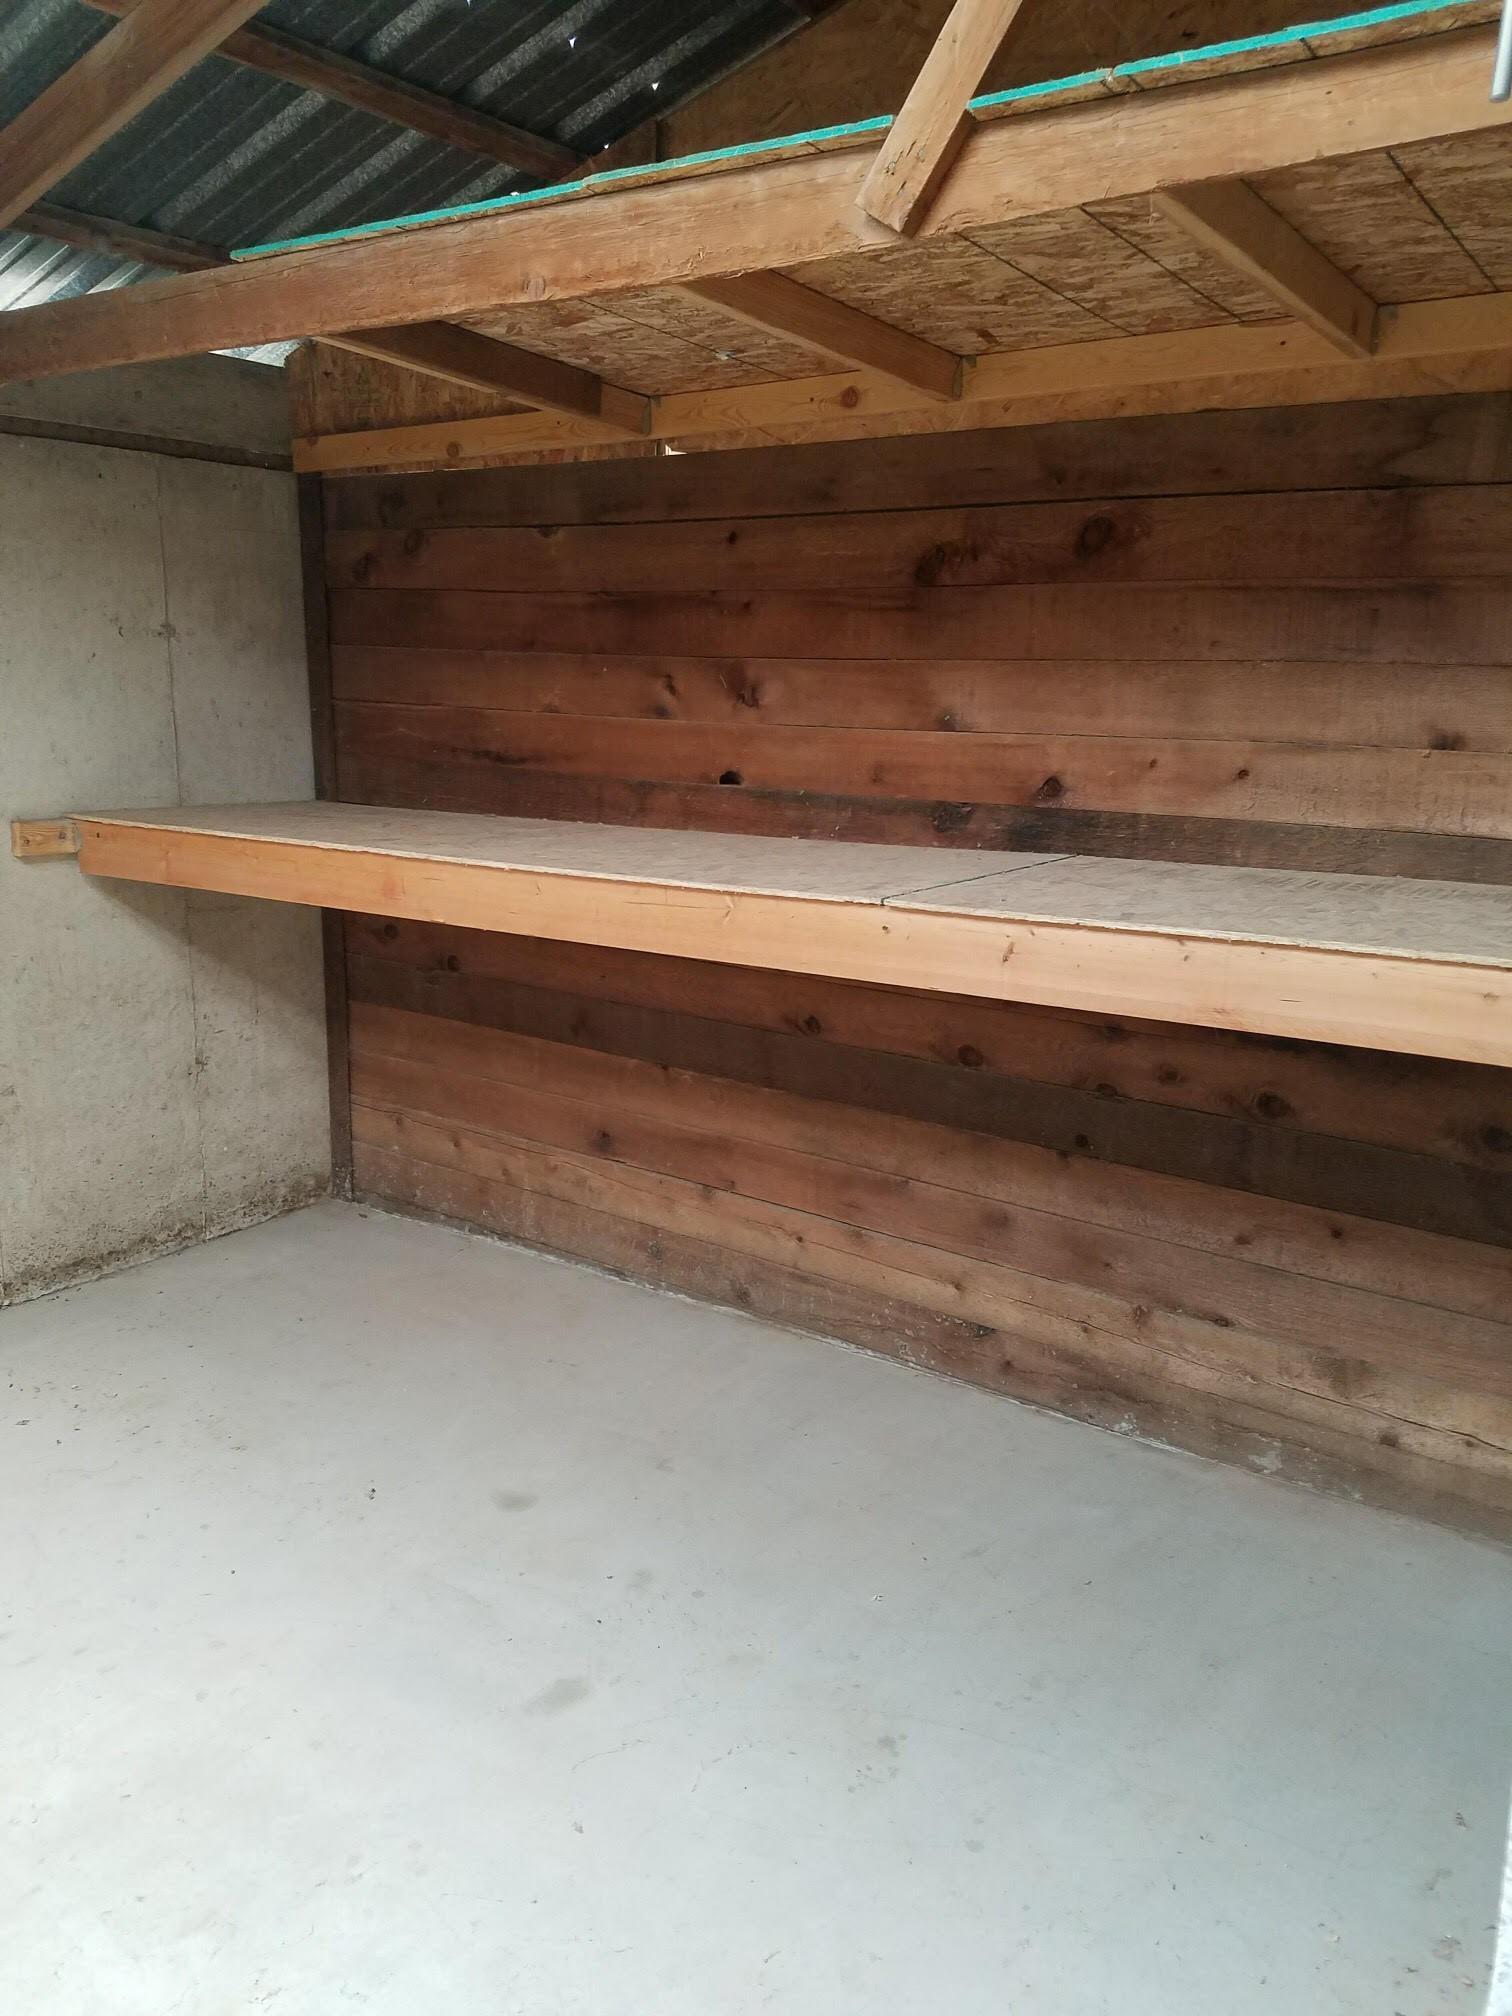 12x12 Other self storage unit